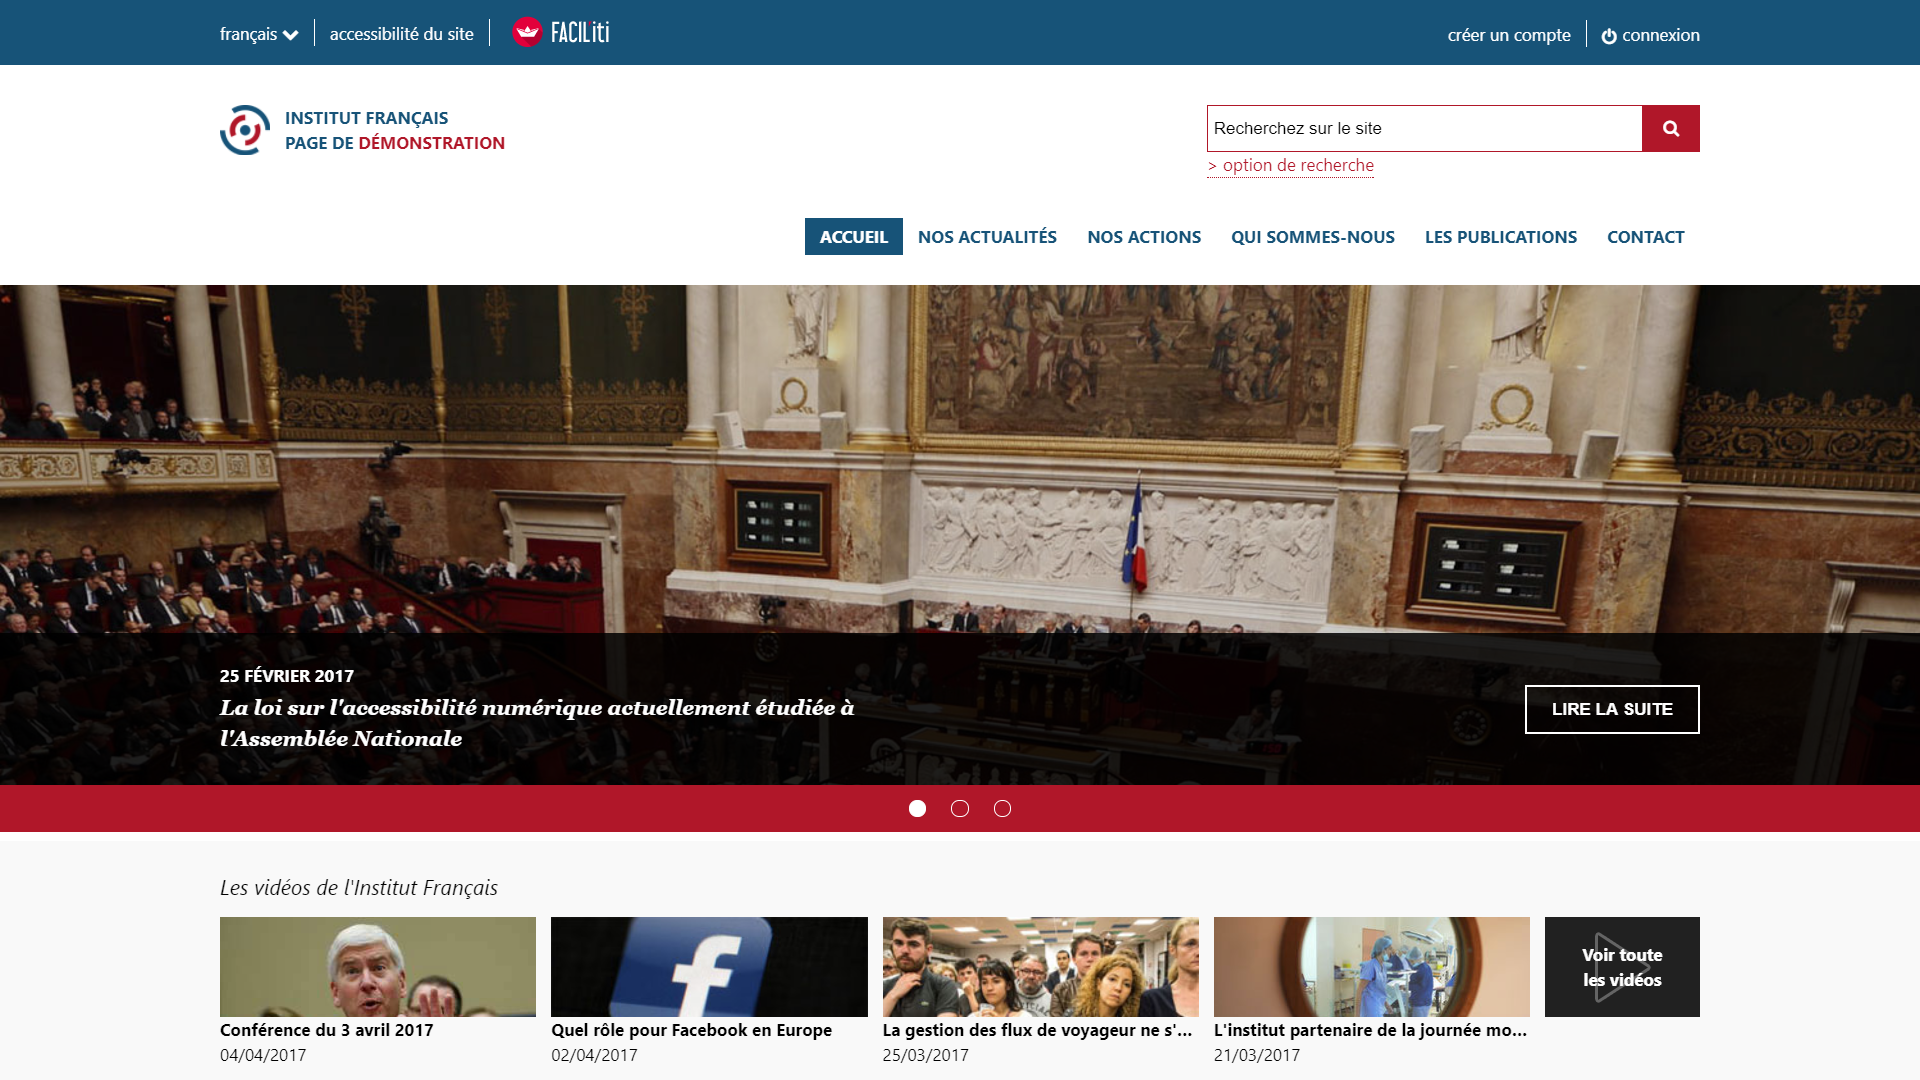 Une page d'accueil d'un site de démonstration avec FACIL'iti activé pour la pathologie Presbytie